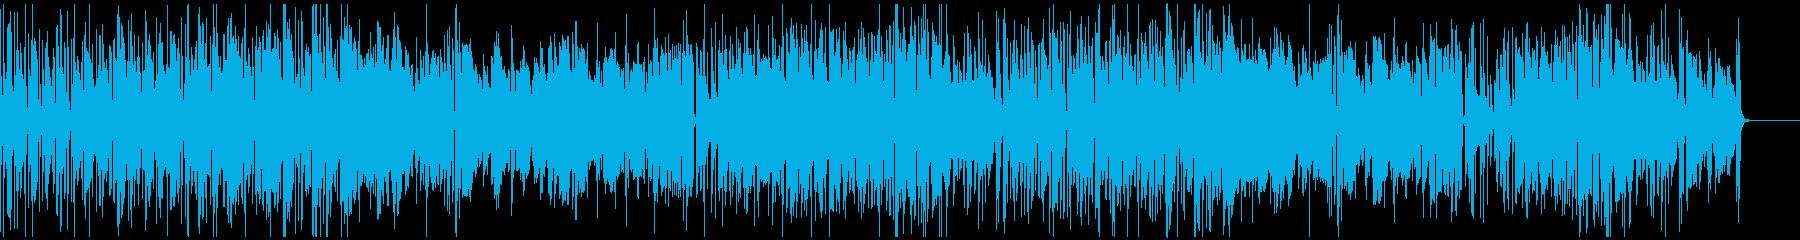 ハネのリズムが印象的な軽快な楽曲の再生済みの波形